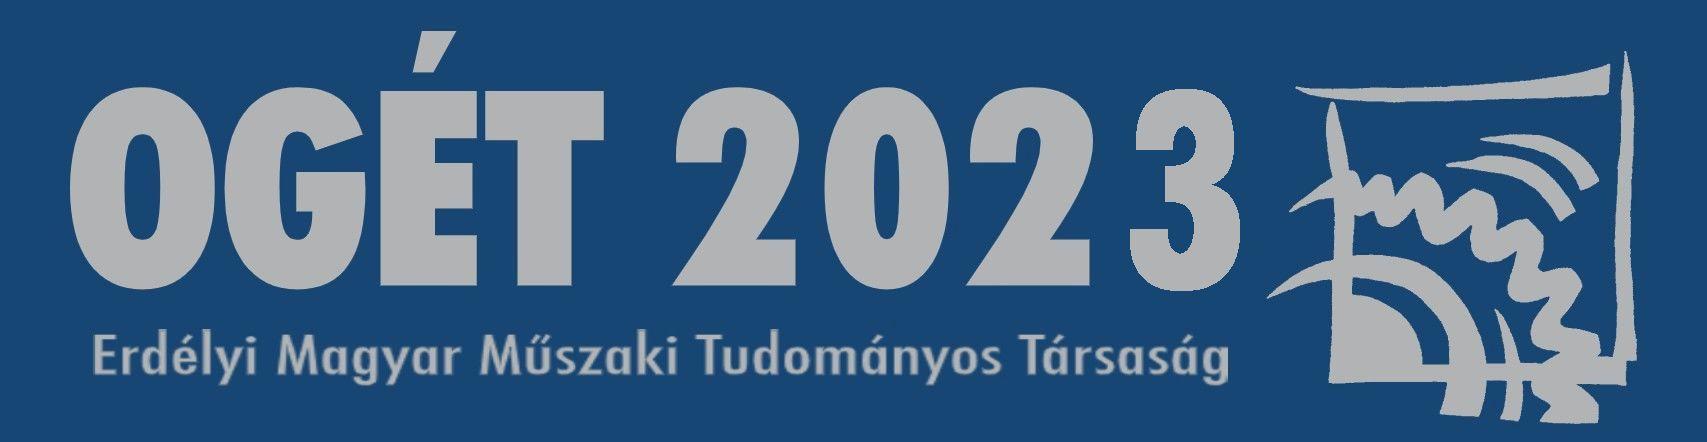 OGET 2020